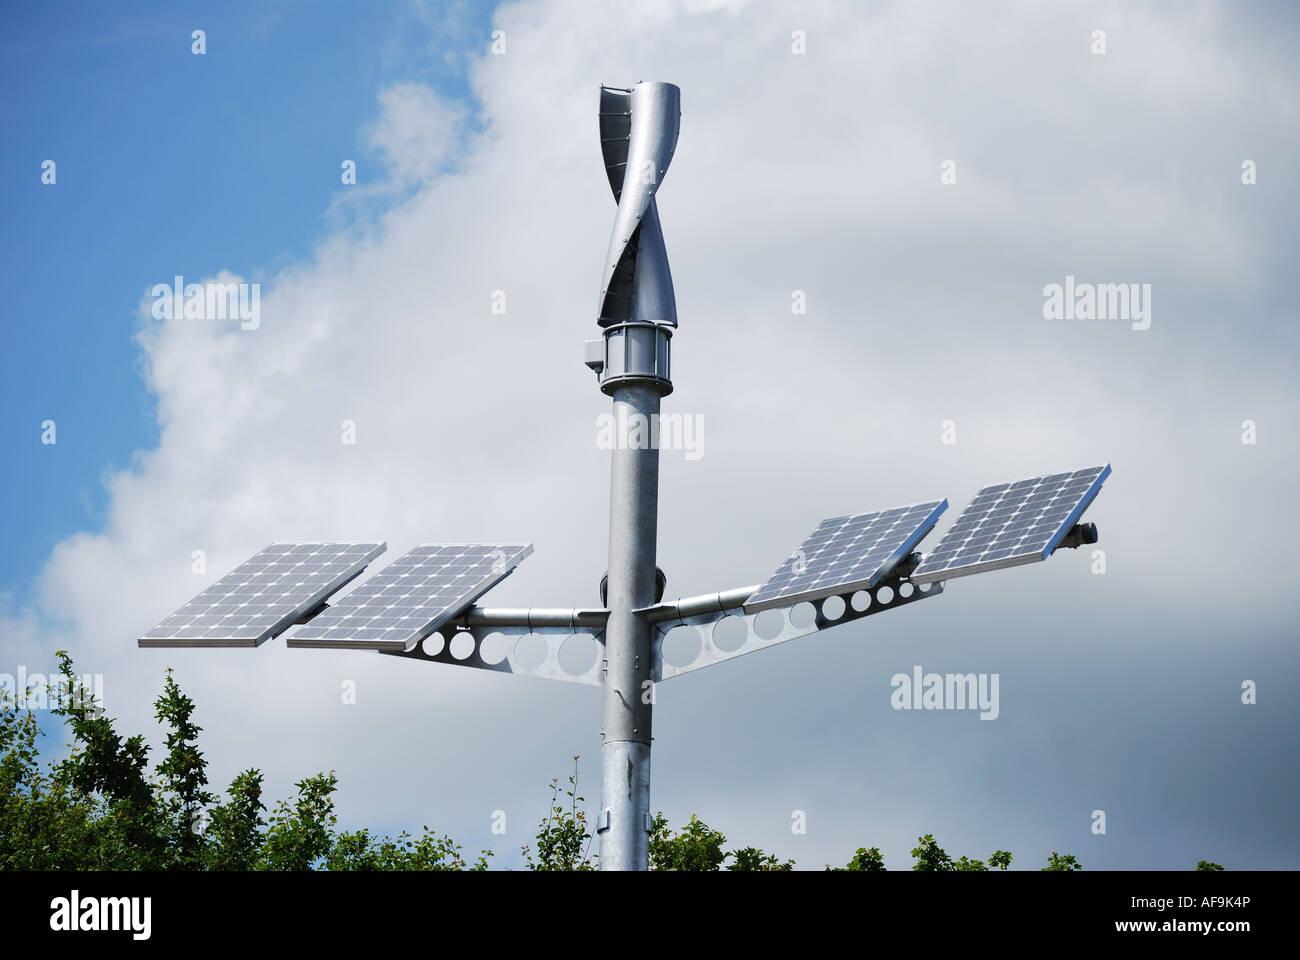 Solar Energy, combined wind and solar panels, Woking, Surrey, England, United Kingdom - Stock Image